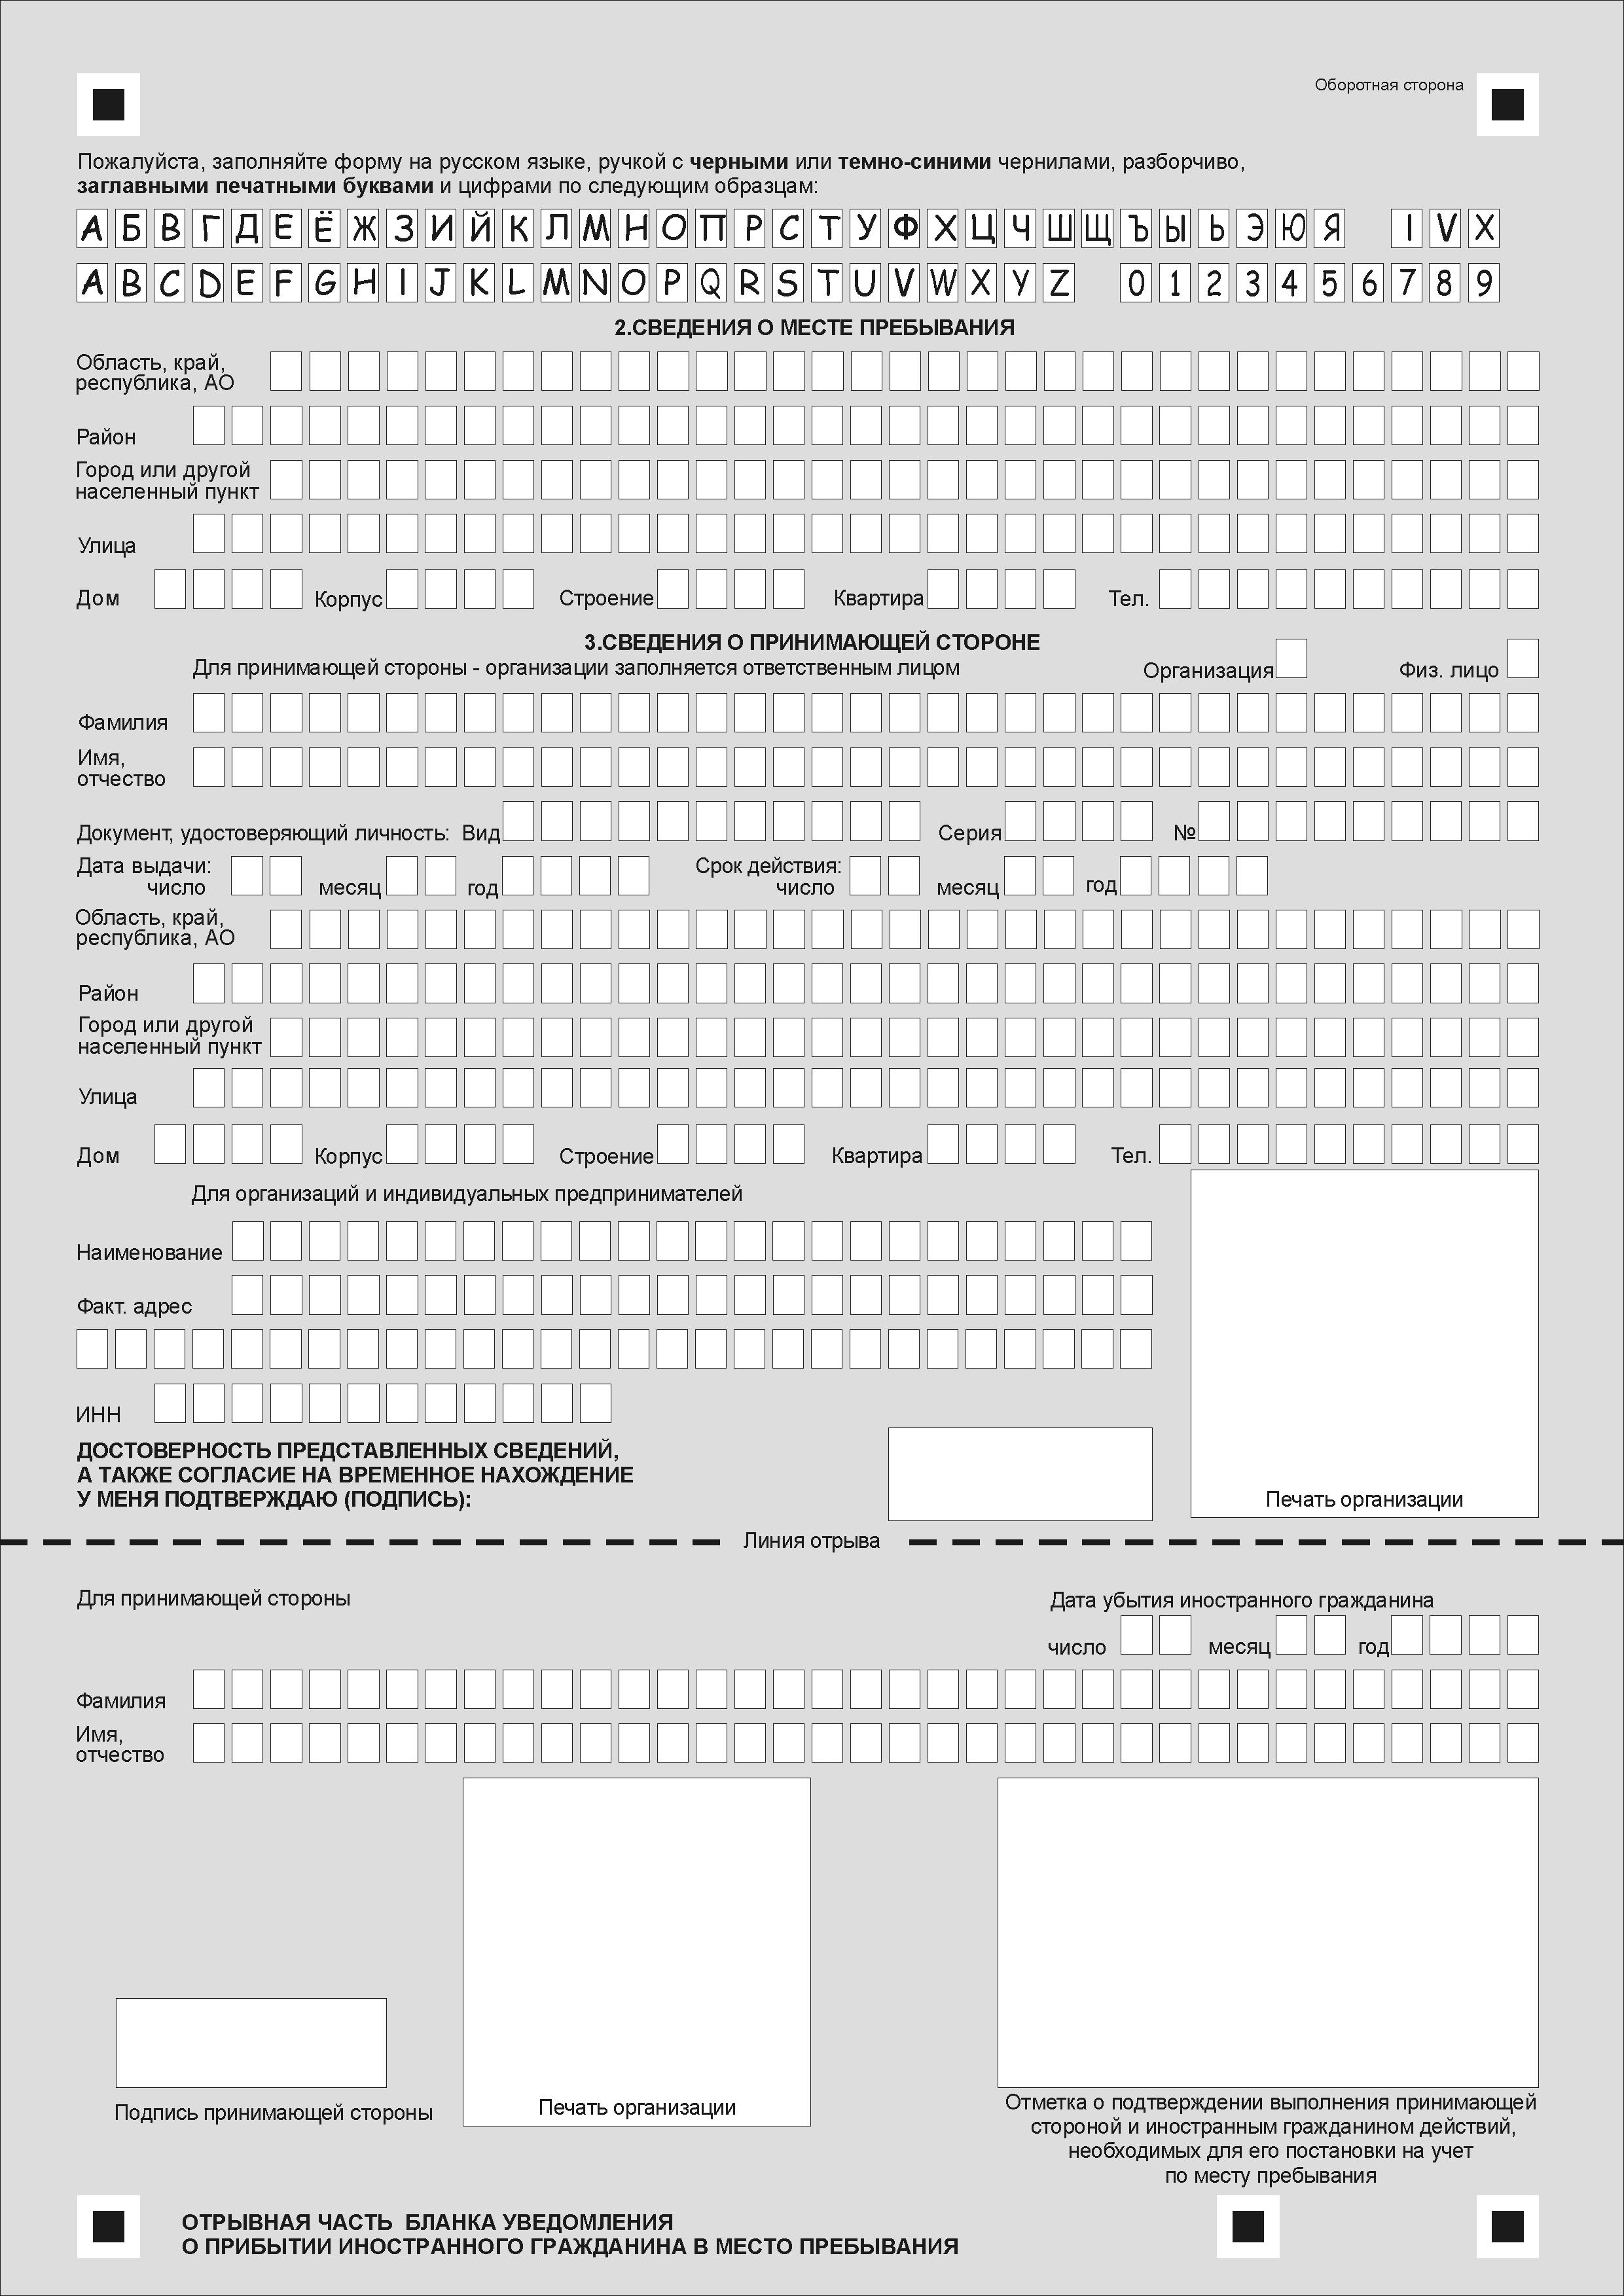 бланк регистрации иностранного гражданина 2013